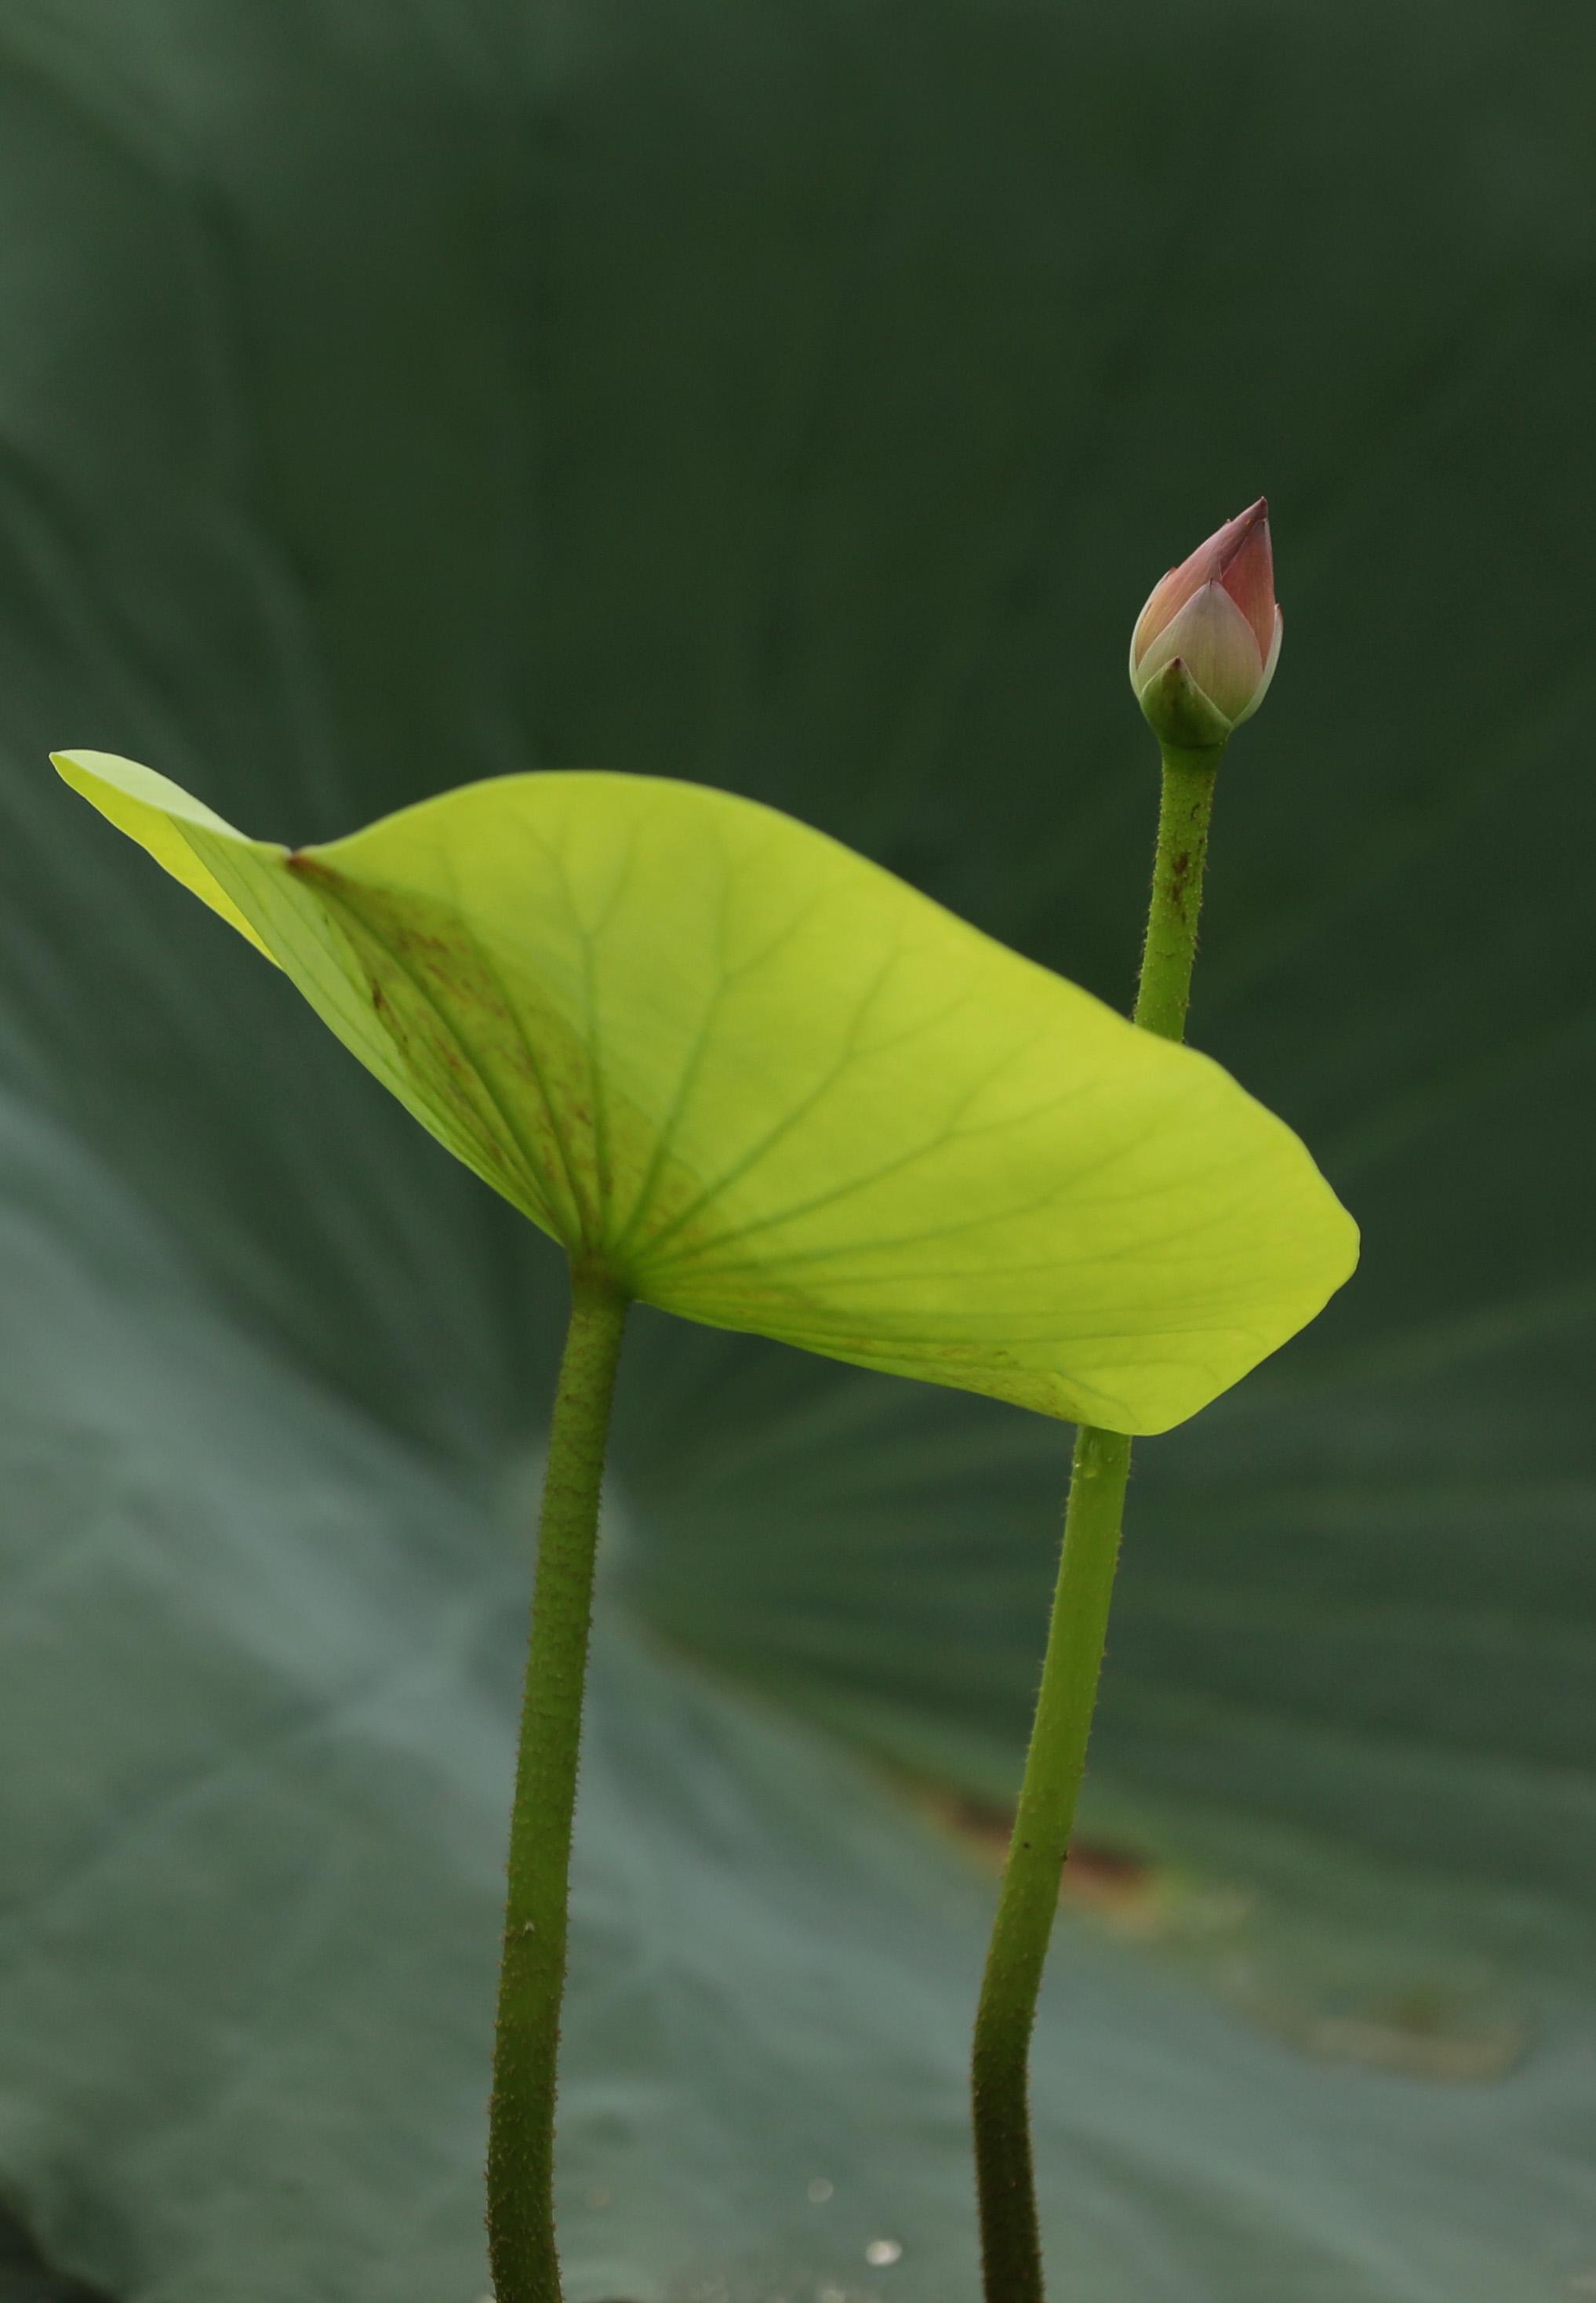 8月5日,在3分快3邀请码省温县环城水系南渠拍摄的荷花花蕾。